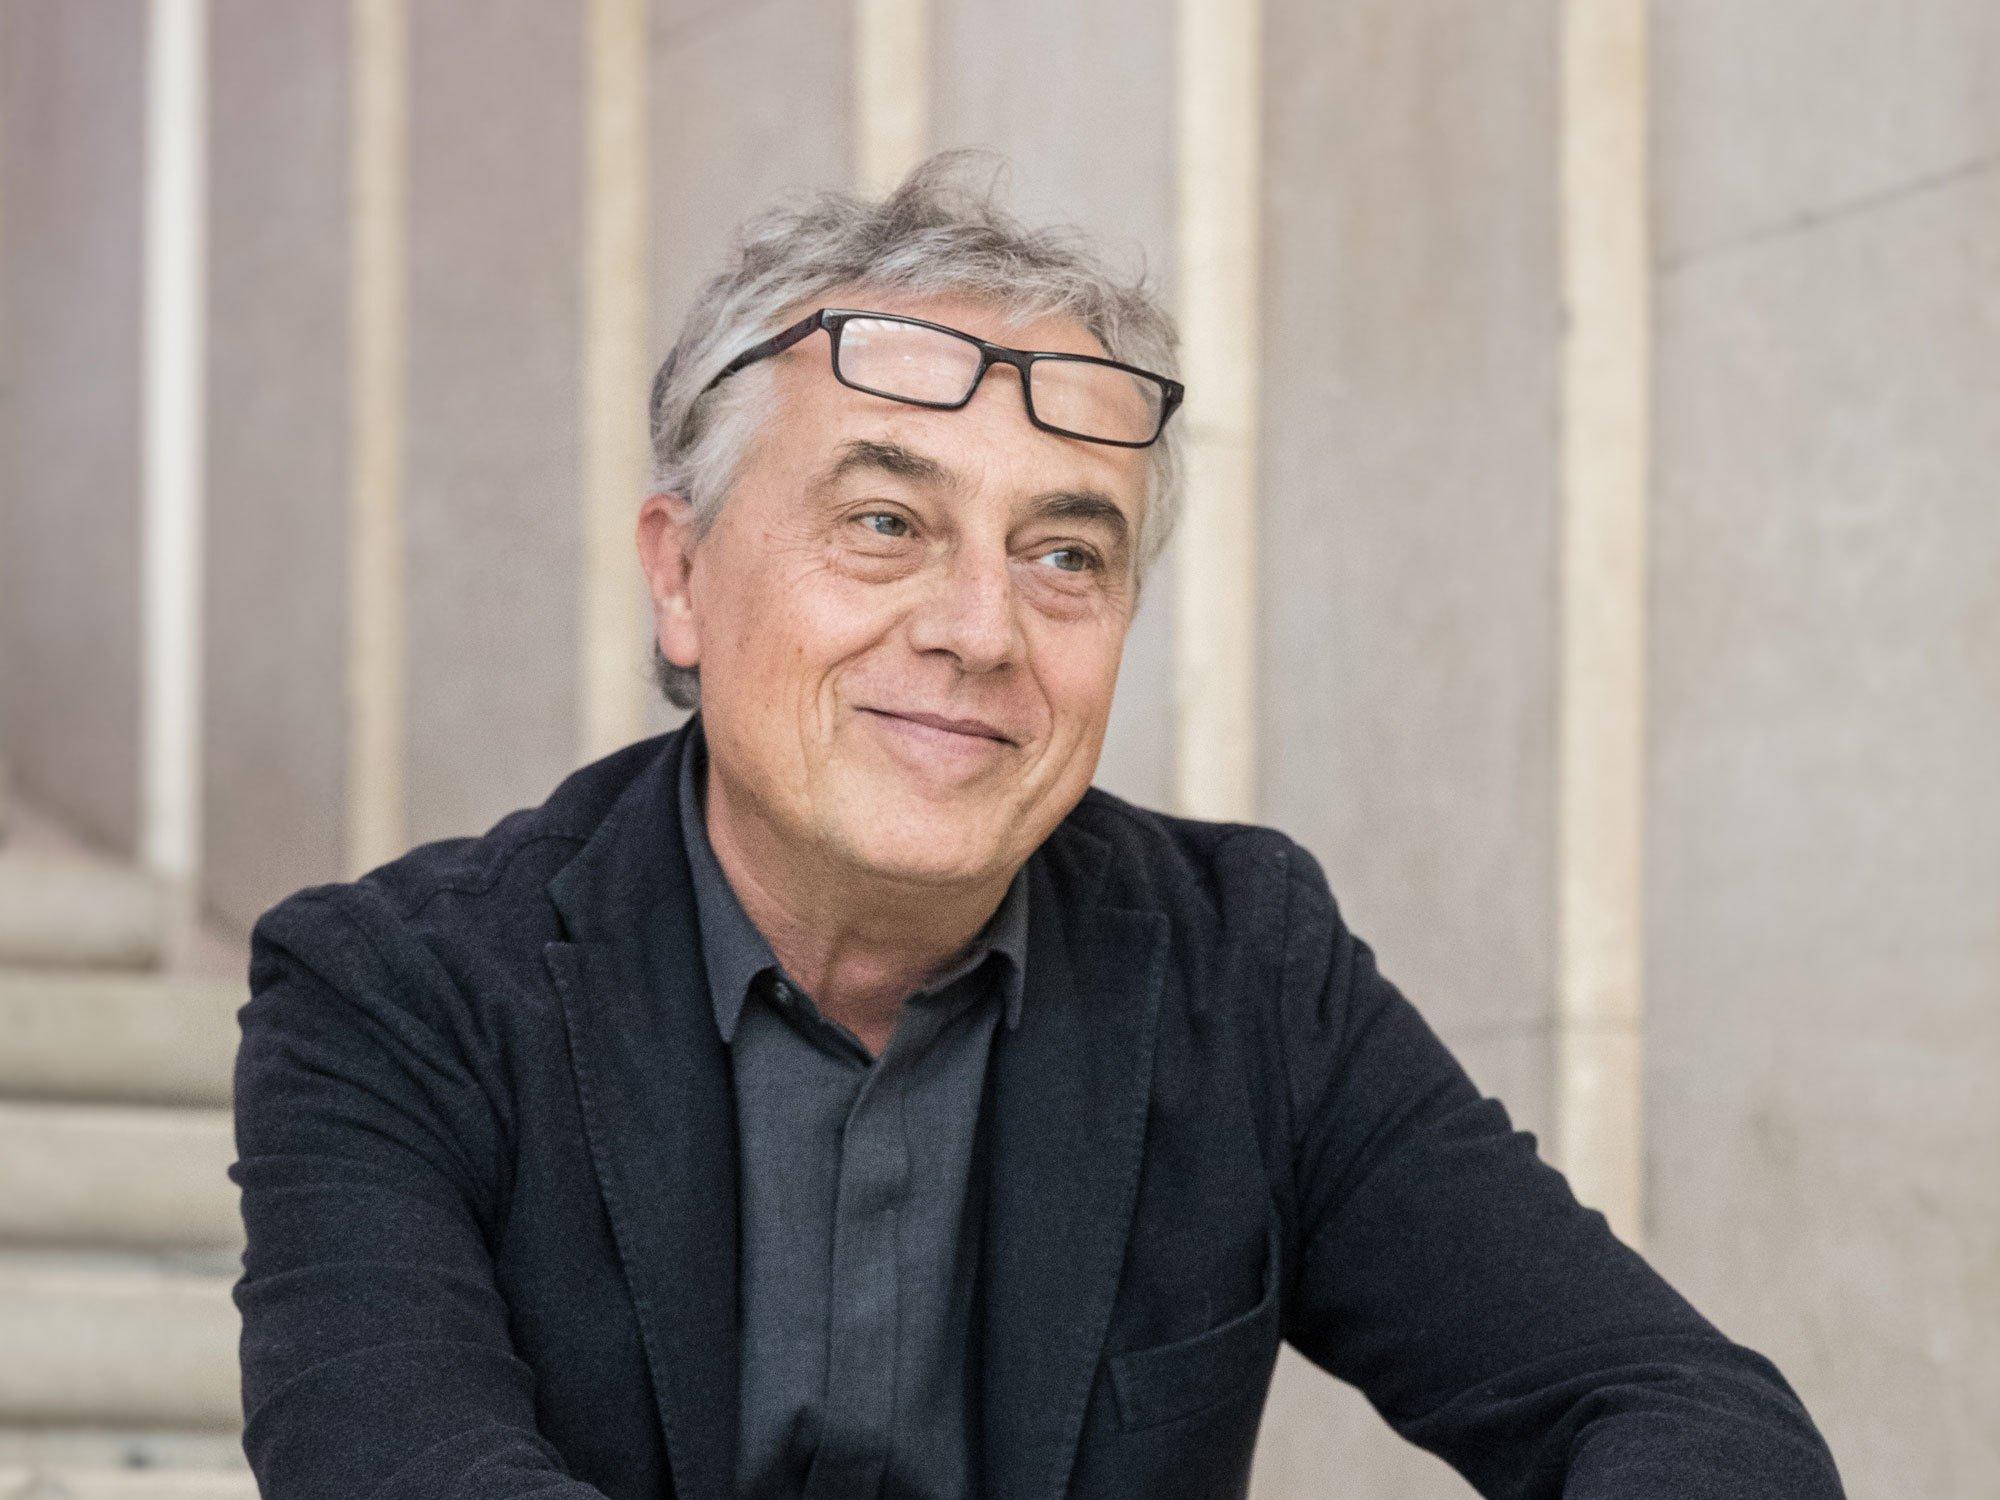 Stefano Boeri ist Architekt, Städteplaner und Präsident der Mailänder Triennale. Hier pausiert er im Treppenhaus des Palazzo dell'Arte im Parco Sempione, der Spielstätte der Mailänder Designinstitution. Foto: Gianluca Di Ioia